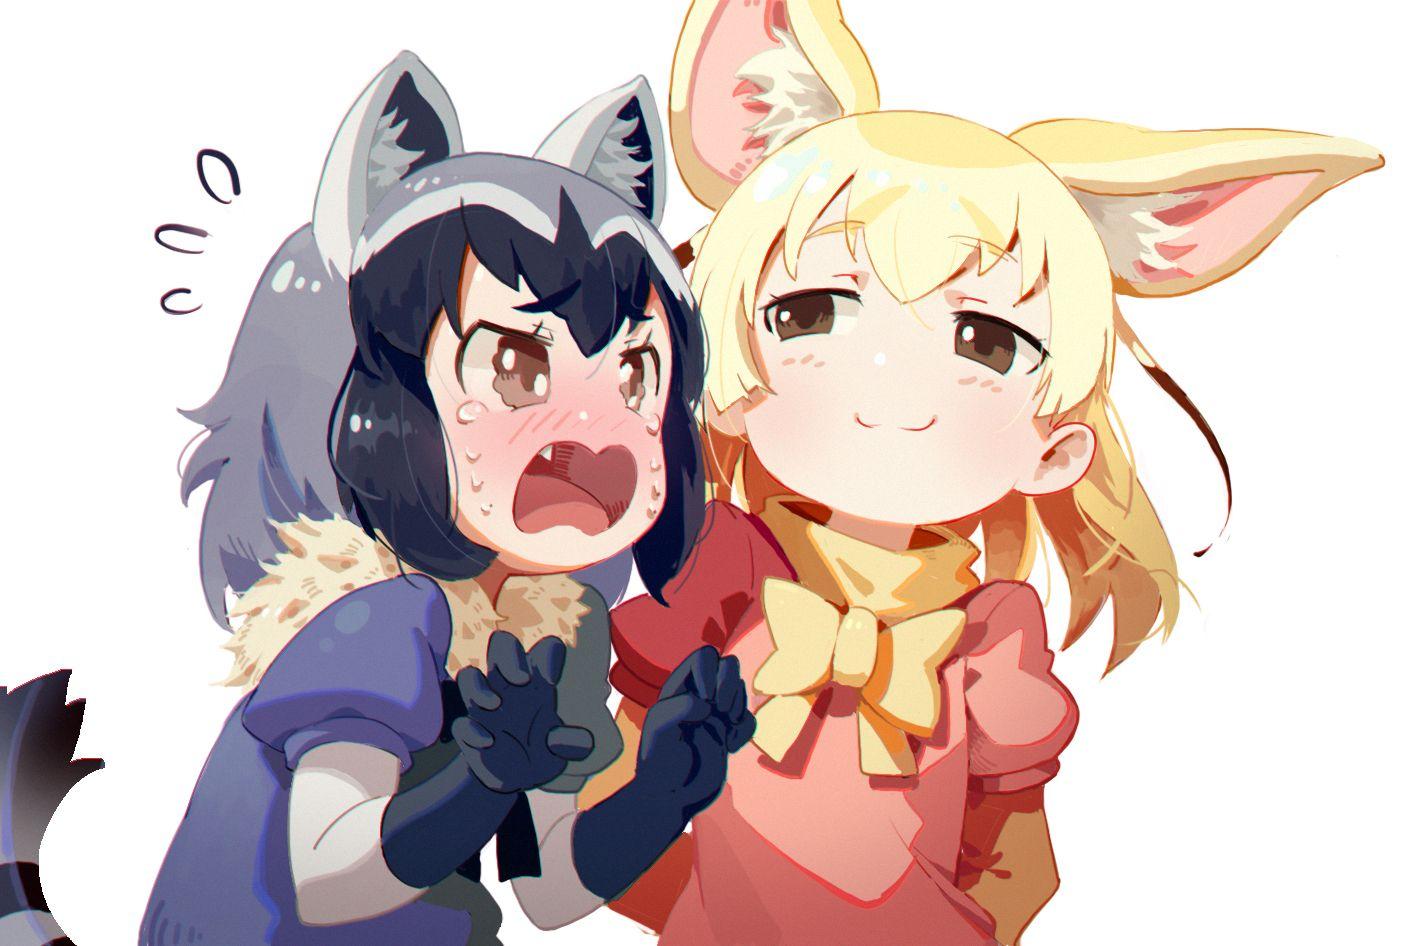 AnimeKemonoFriendsraccoon(kemonofriends)fennec